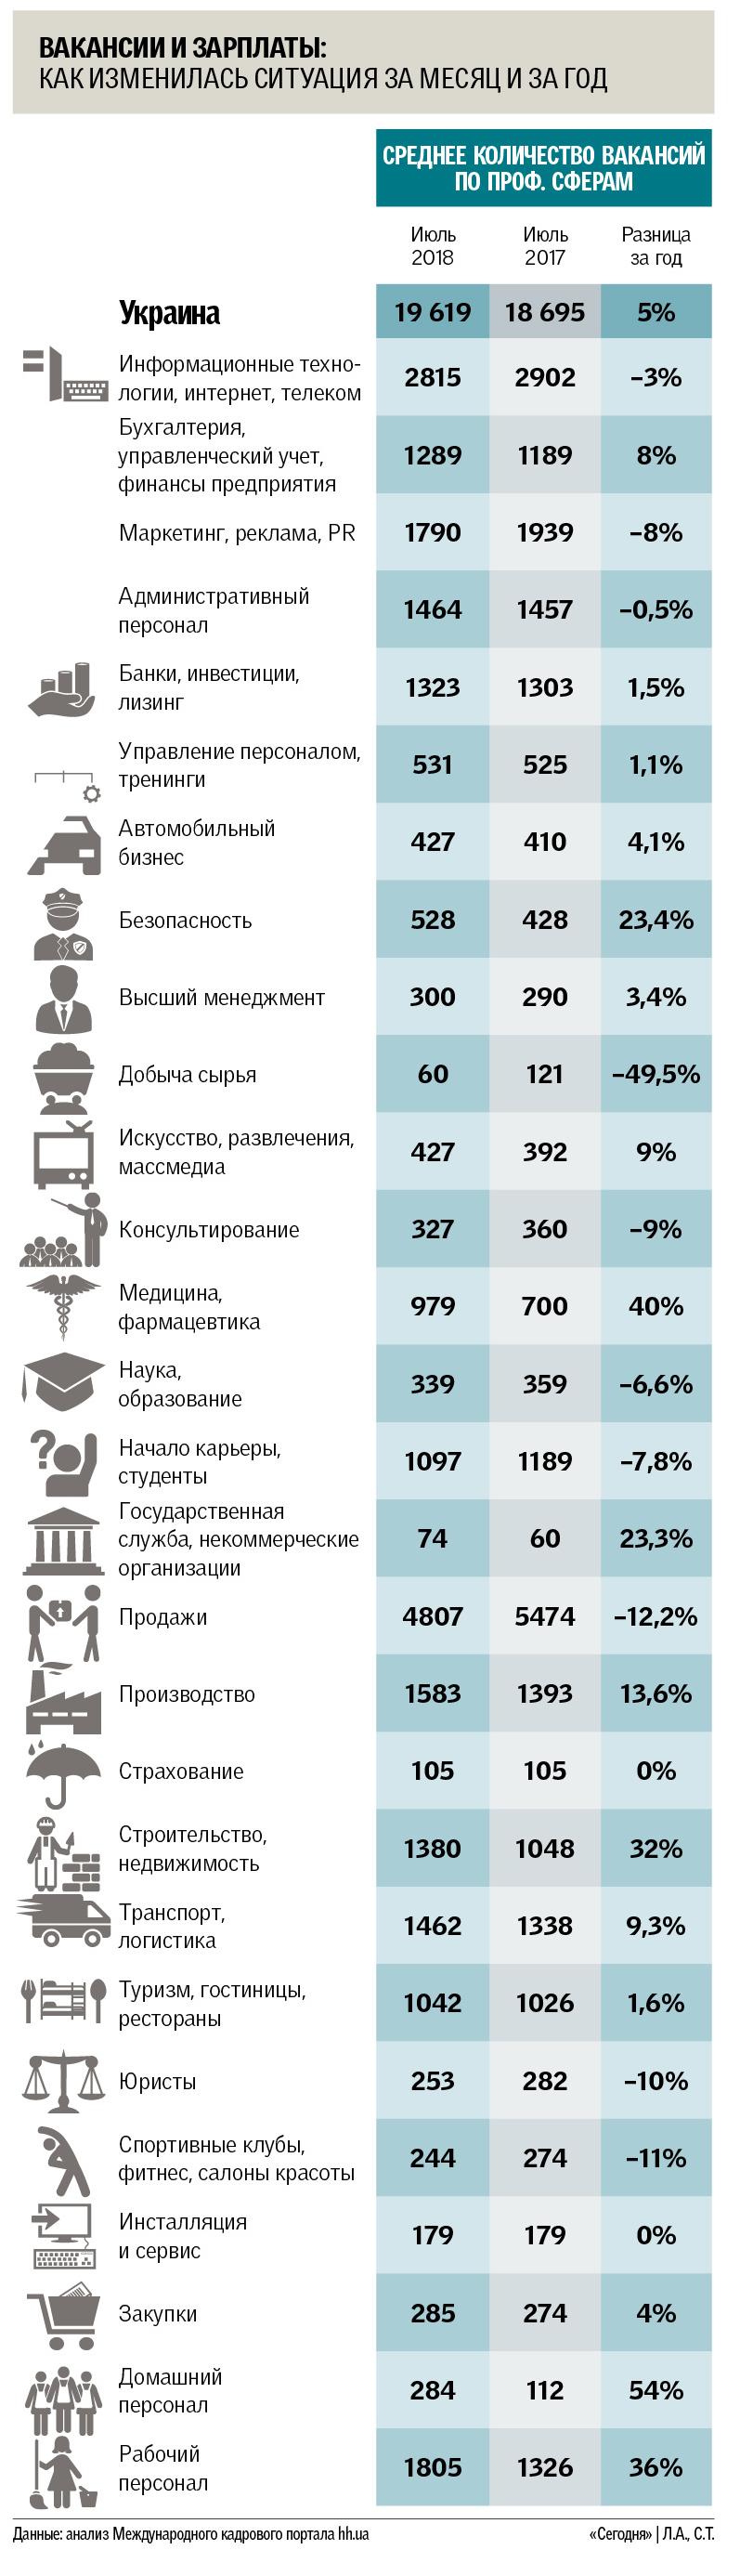 По рынку труда в Украине ударил летний застой